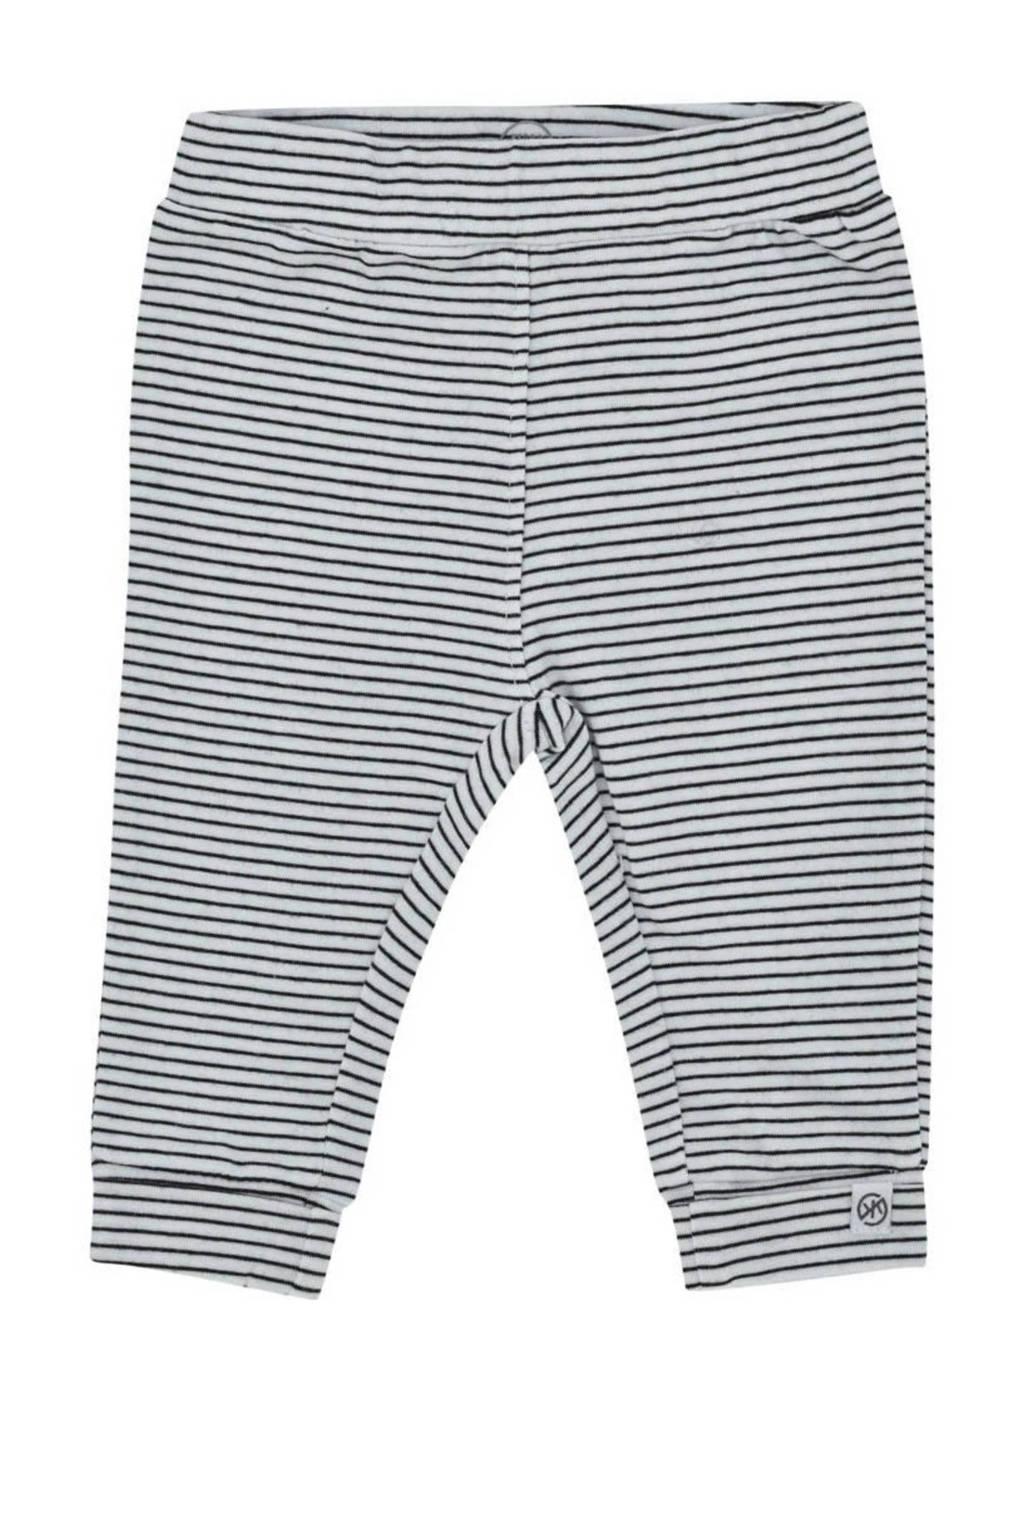 Born by Kiddo United newborn baby gestreepte regular fit broek met biologisch katoen grijs/wit, Grijs/wit